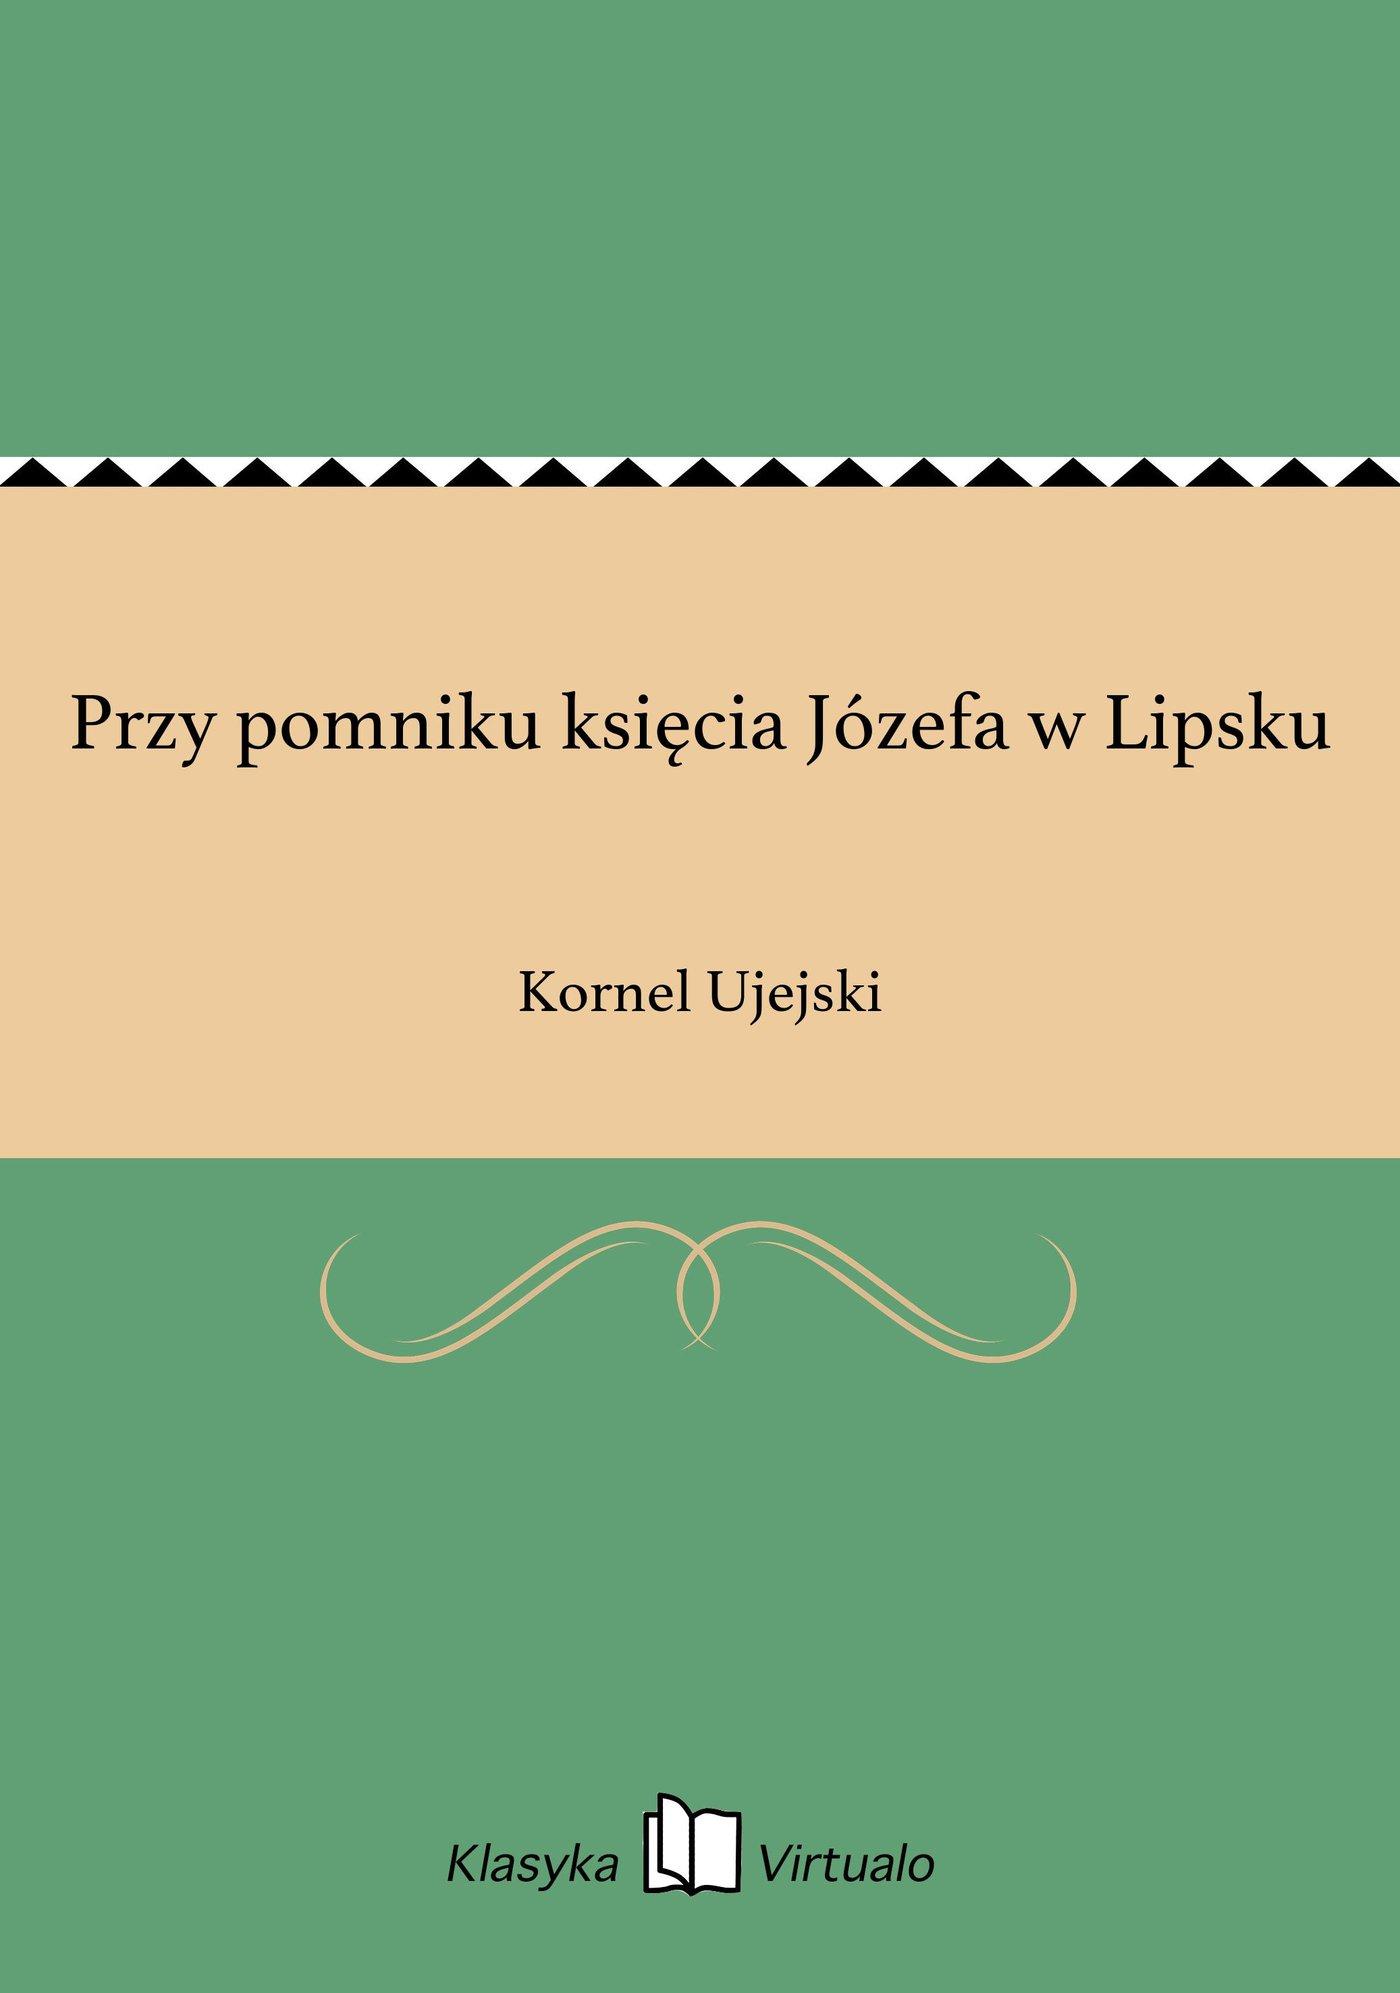 Przy pomniku księcia Józefa w Lipsku - Ebook (Książka EPUB) do pobrania w formacie EPUB